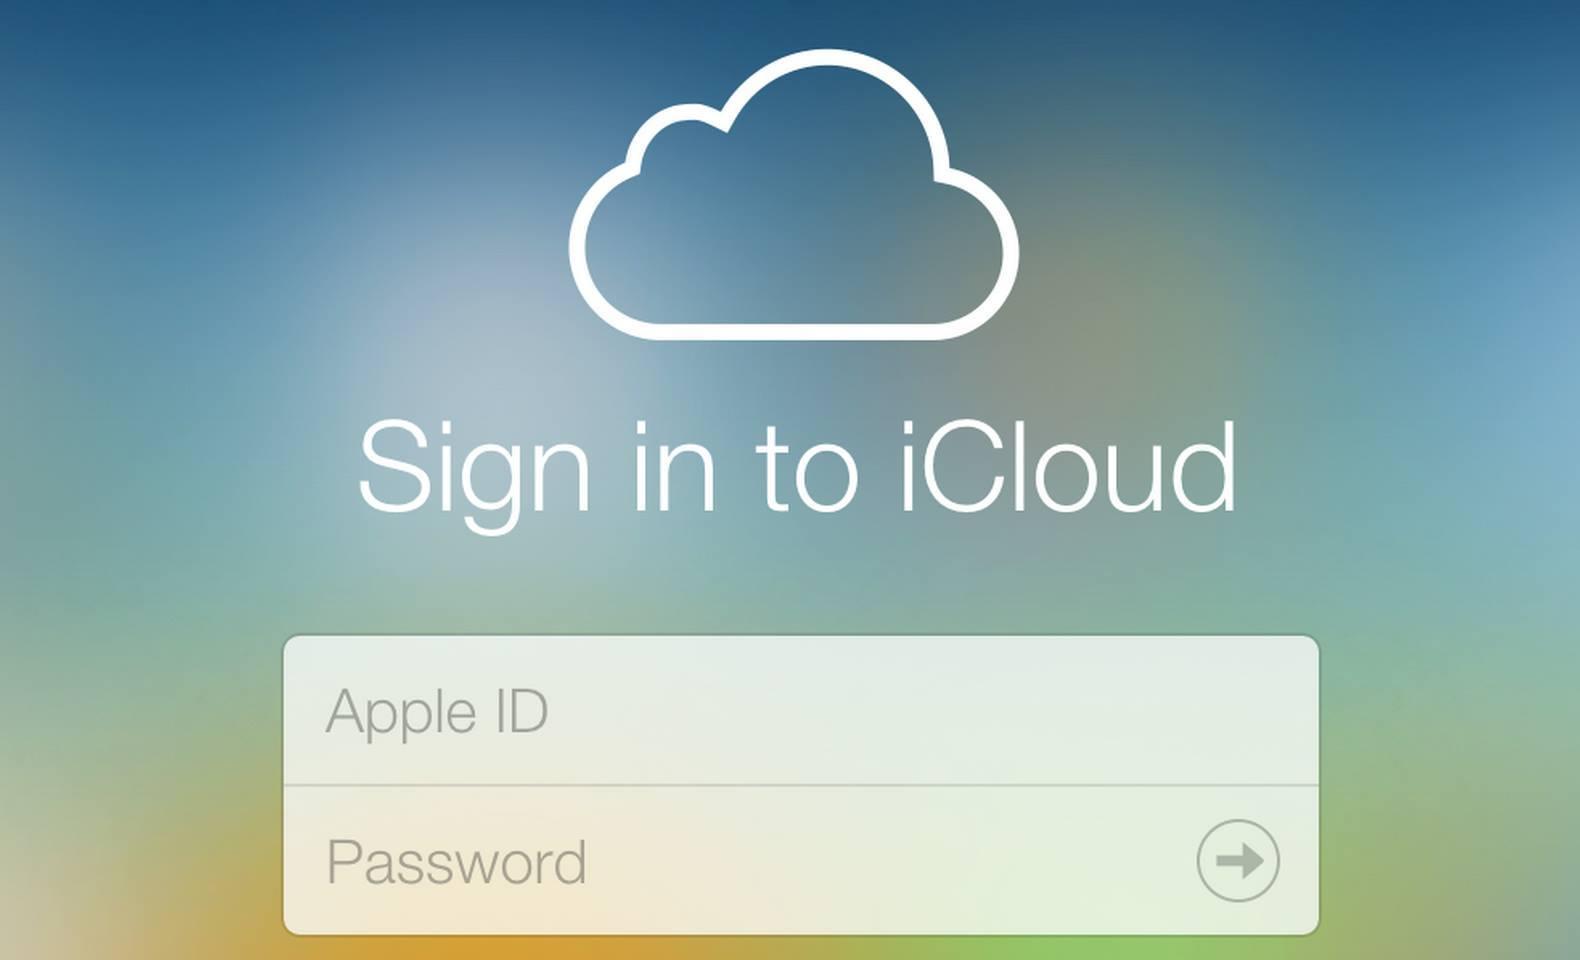 разблокировать icloud на iphone 5s